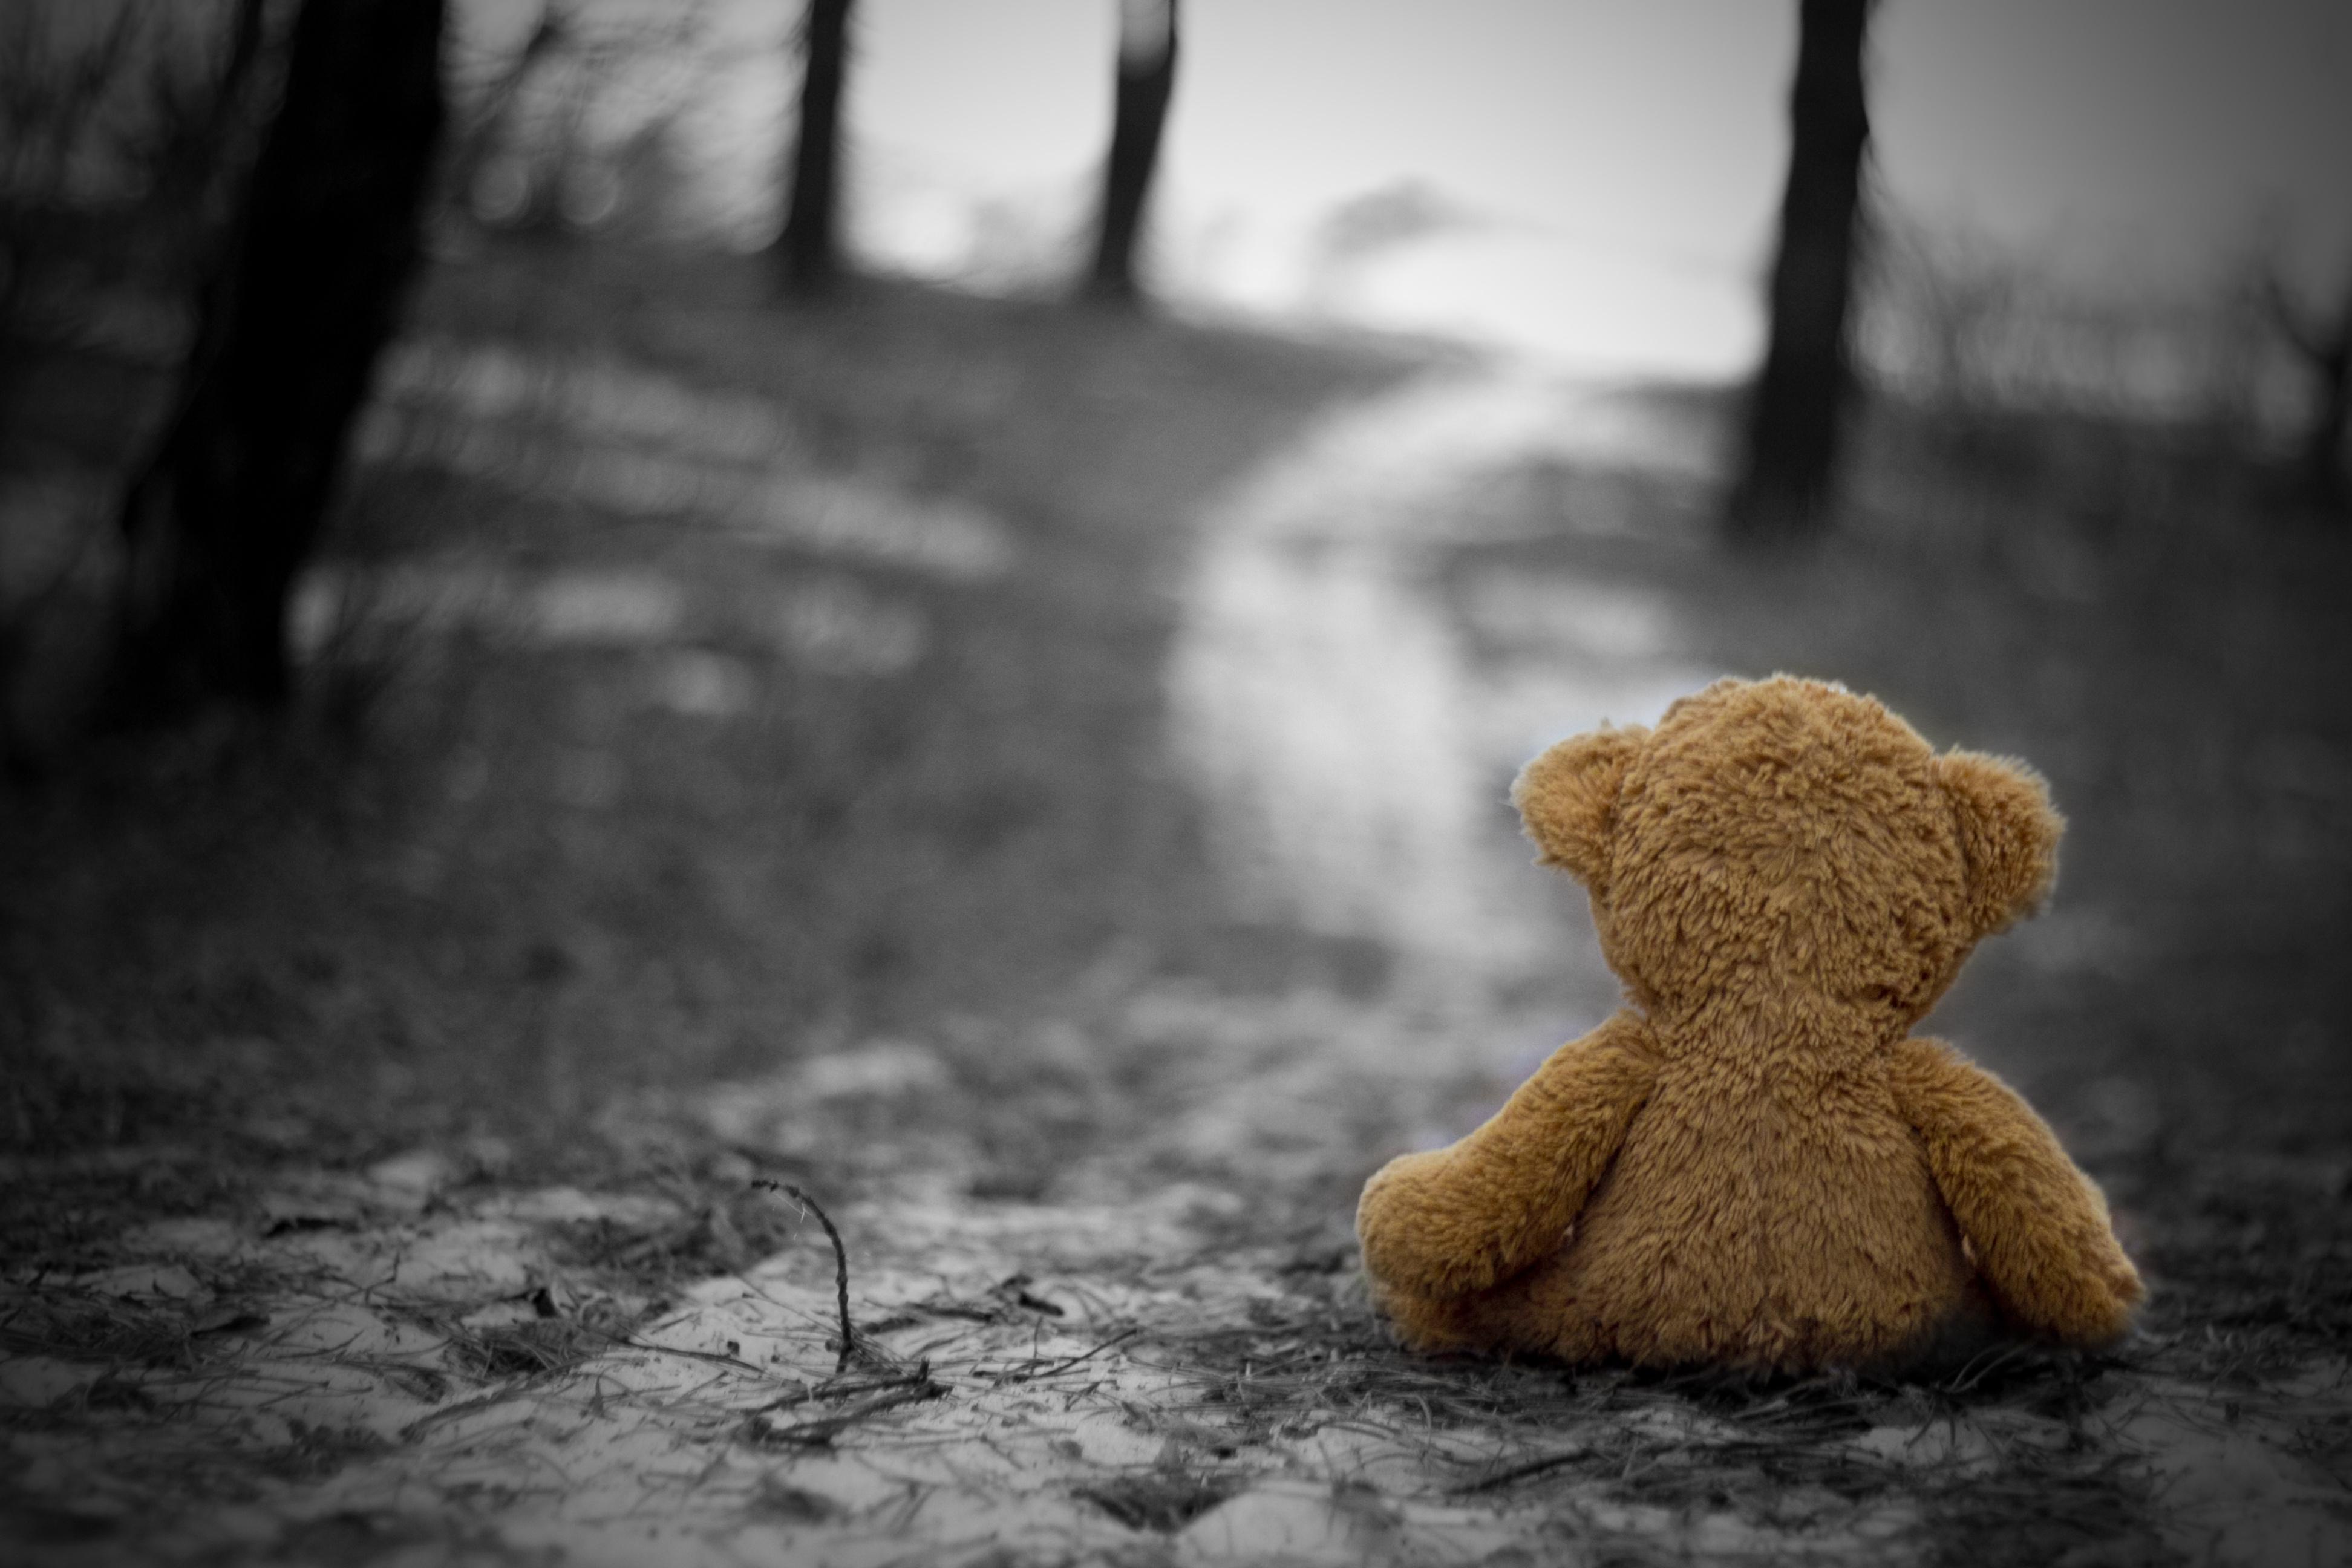 Веселые картинки про грусть и тоску поднятия